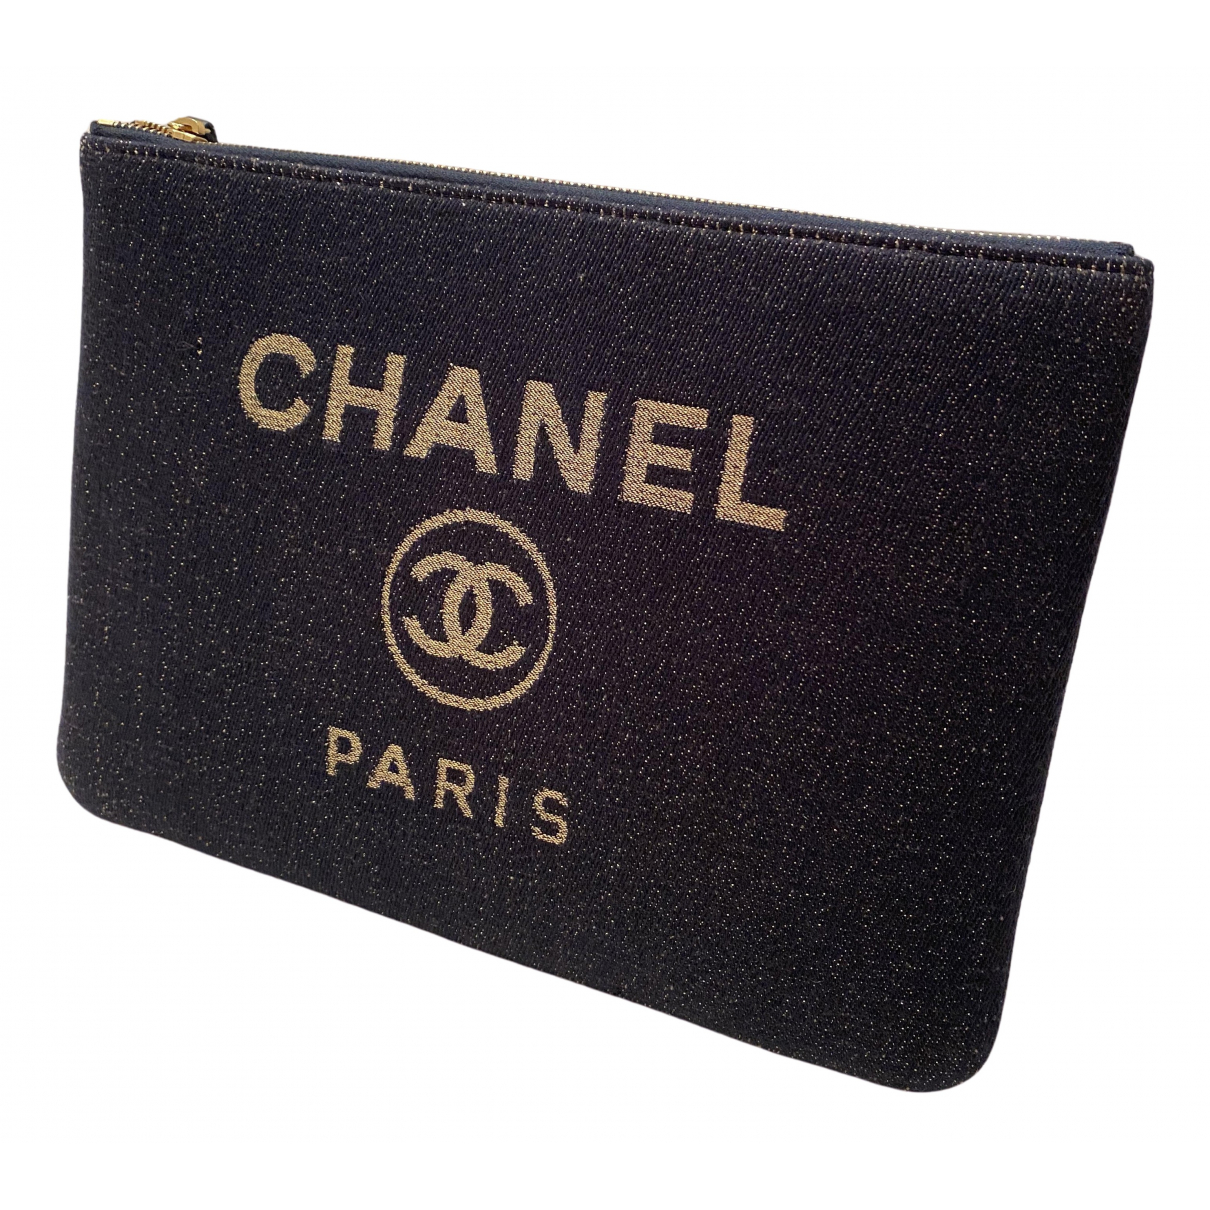 Chanel - Pochette   pour femme en tweed - noir